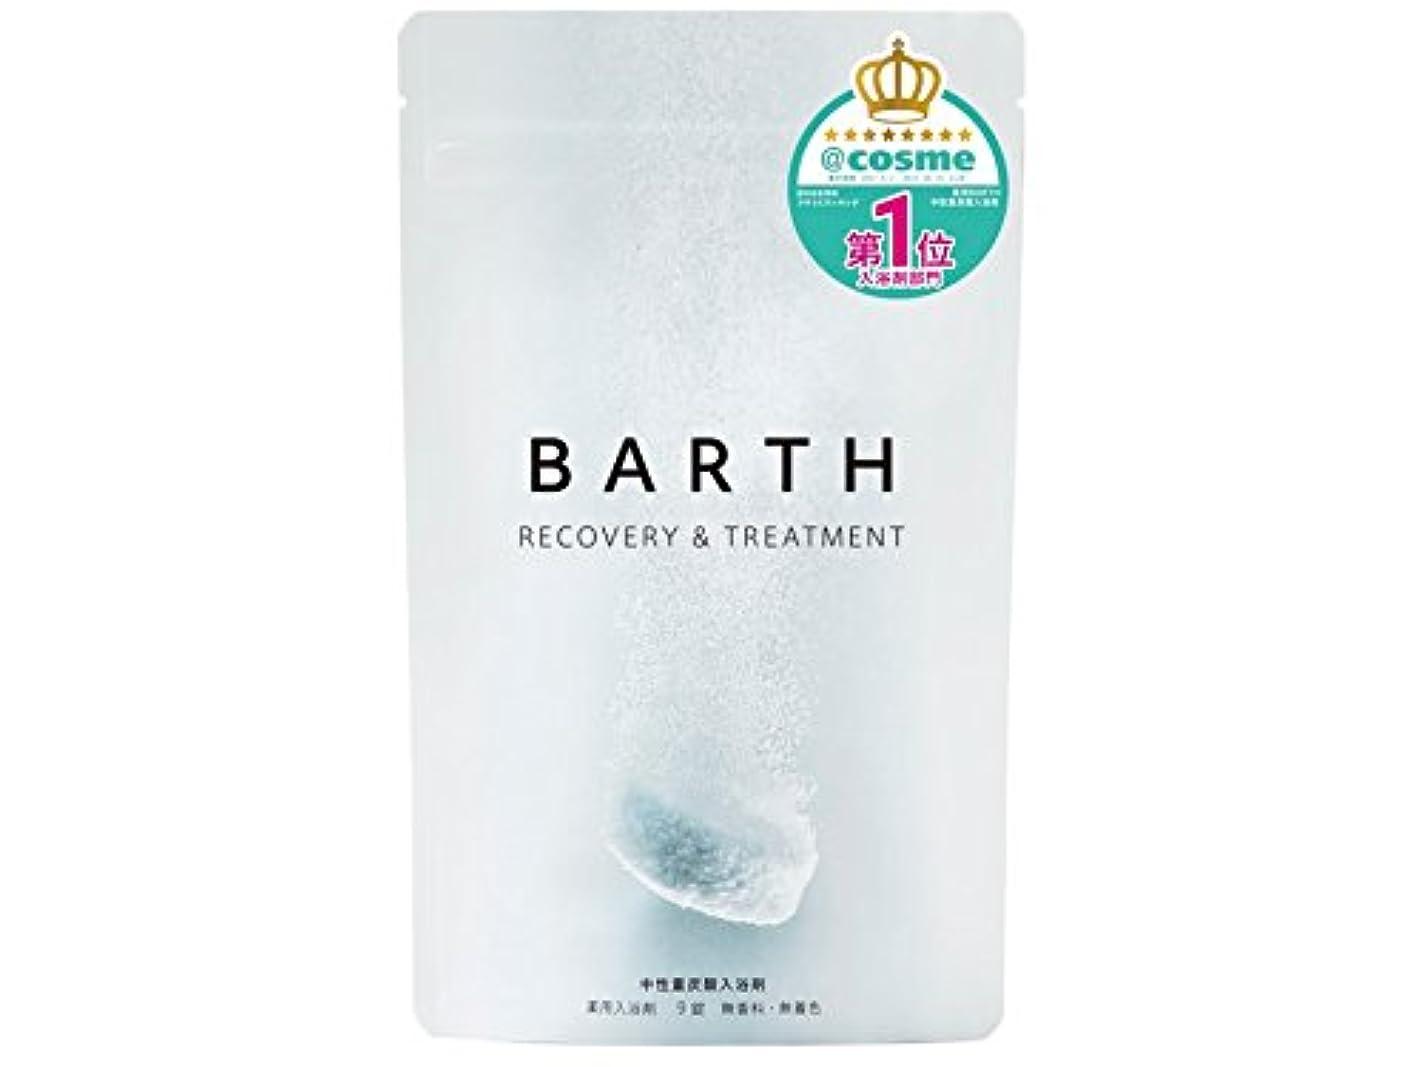 遵守するモニター代表してBARTH【バース】入浴剤 中性 重炭酸 (高濃度 炭酸泉 保湿 発汗)(9錠入り)